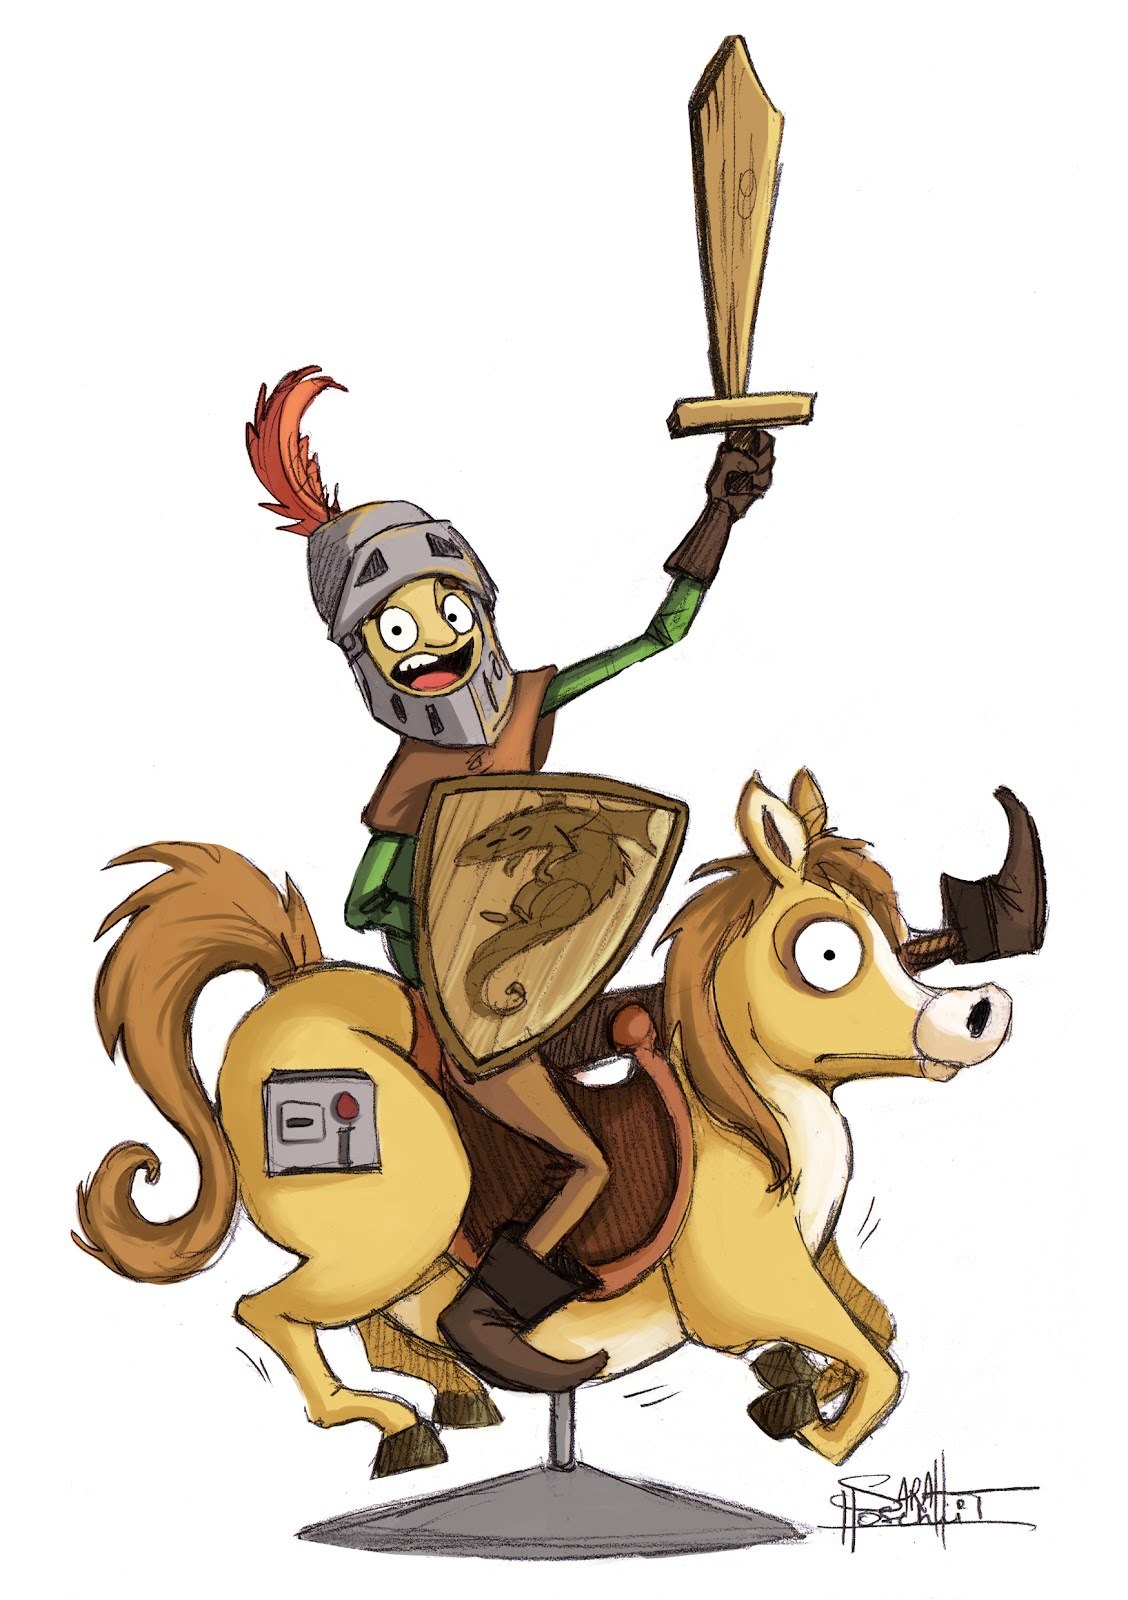 Ca raconte chevaliers de la table ronde - Dessin anime chevalier de la table ronde ...